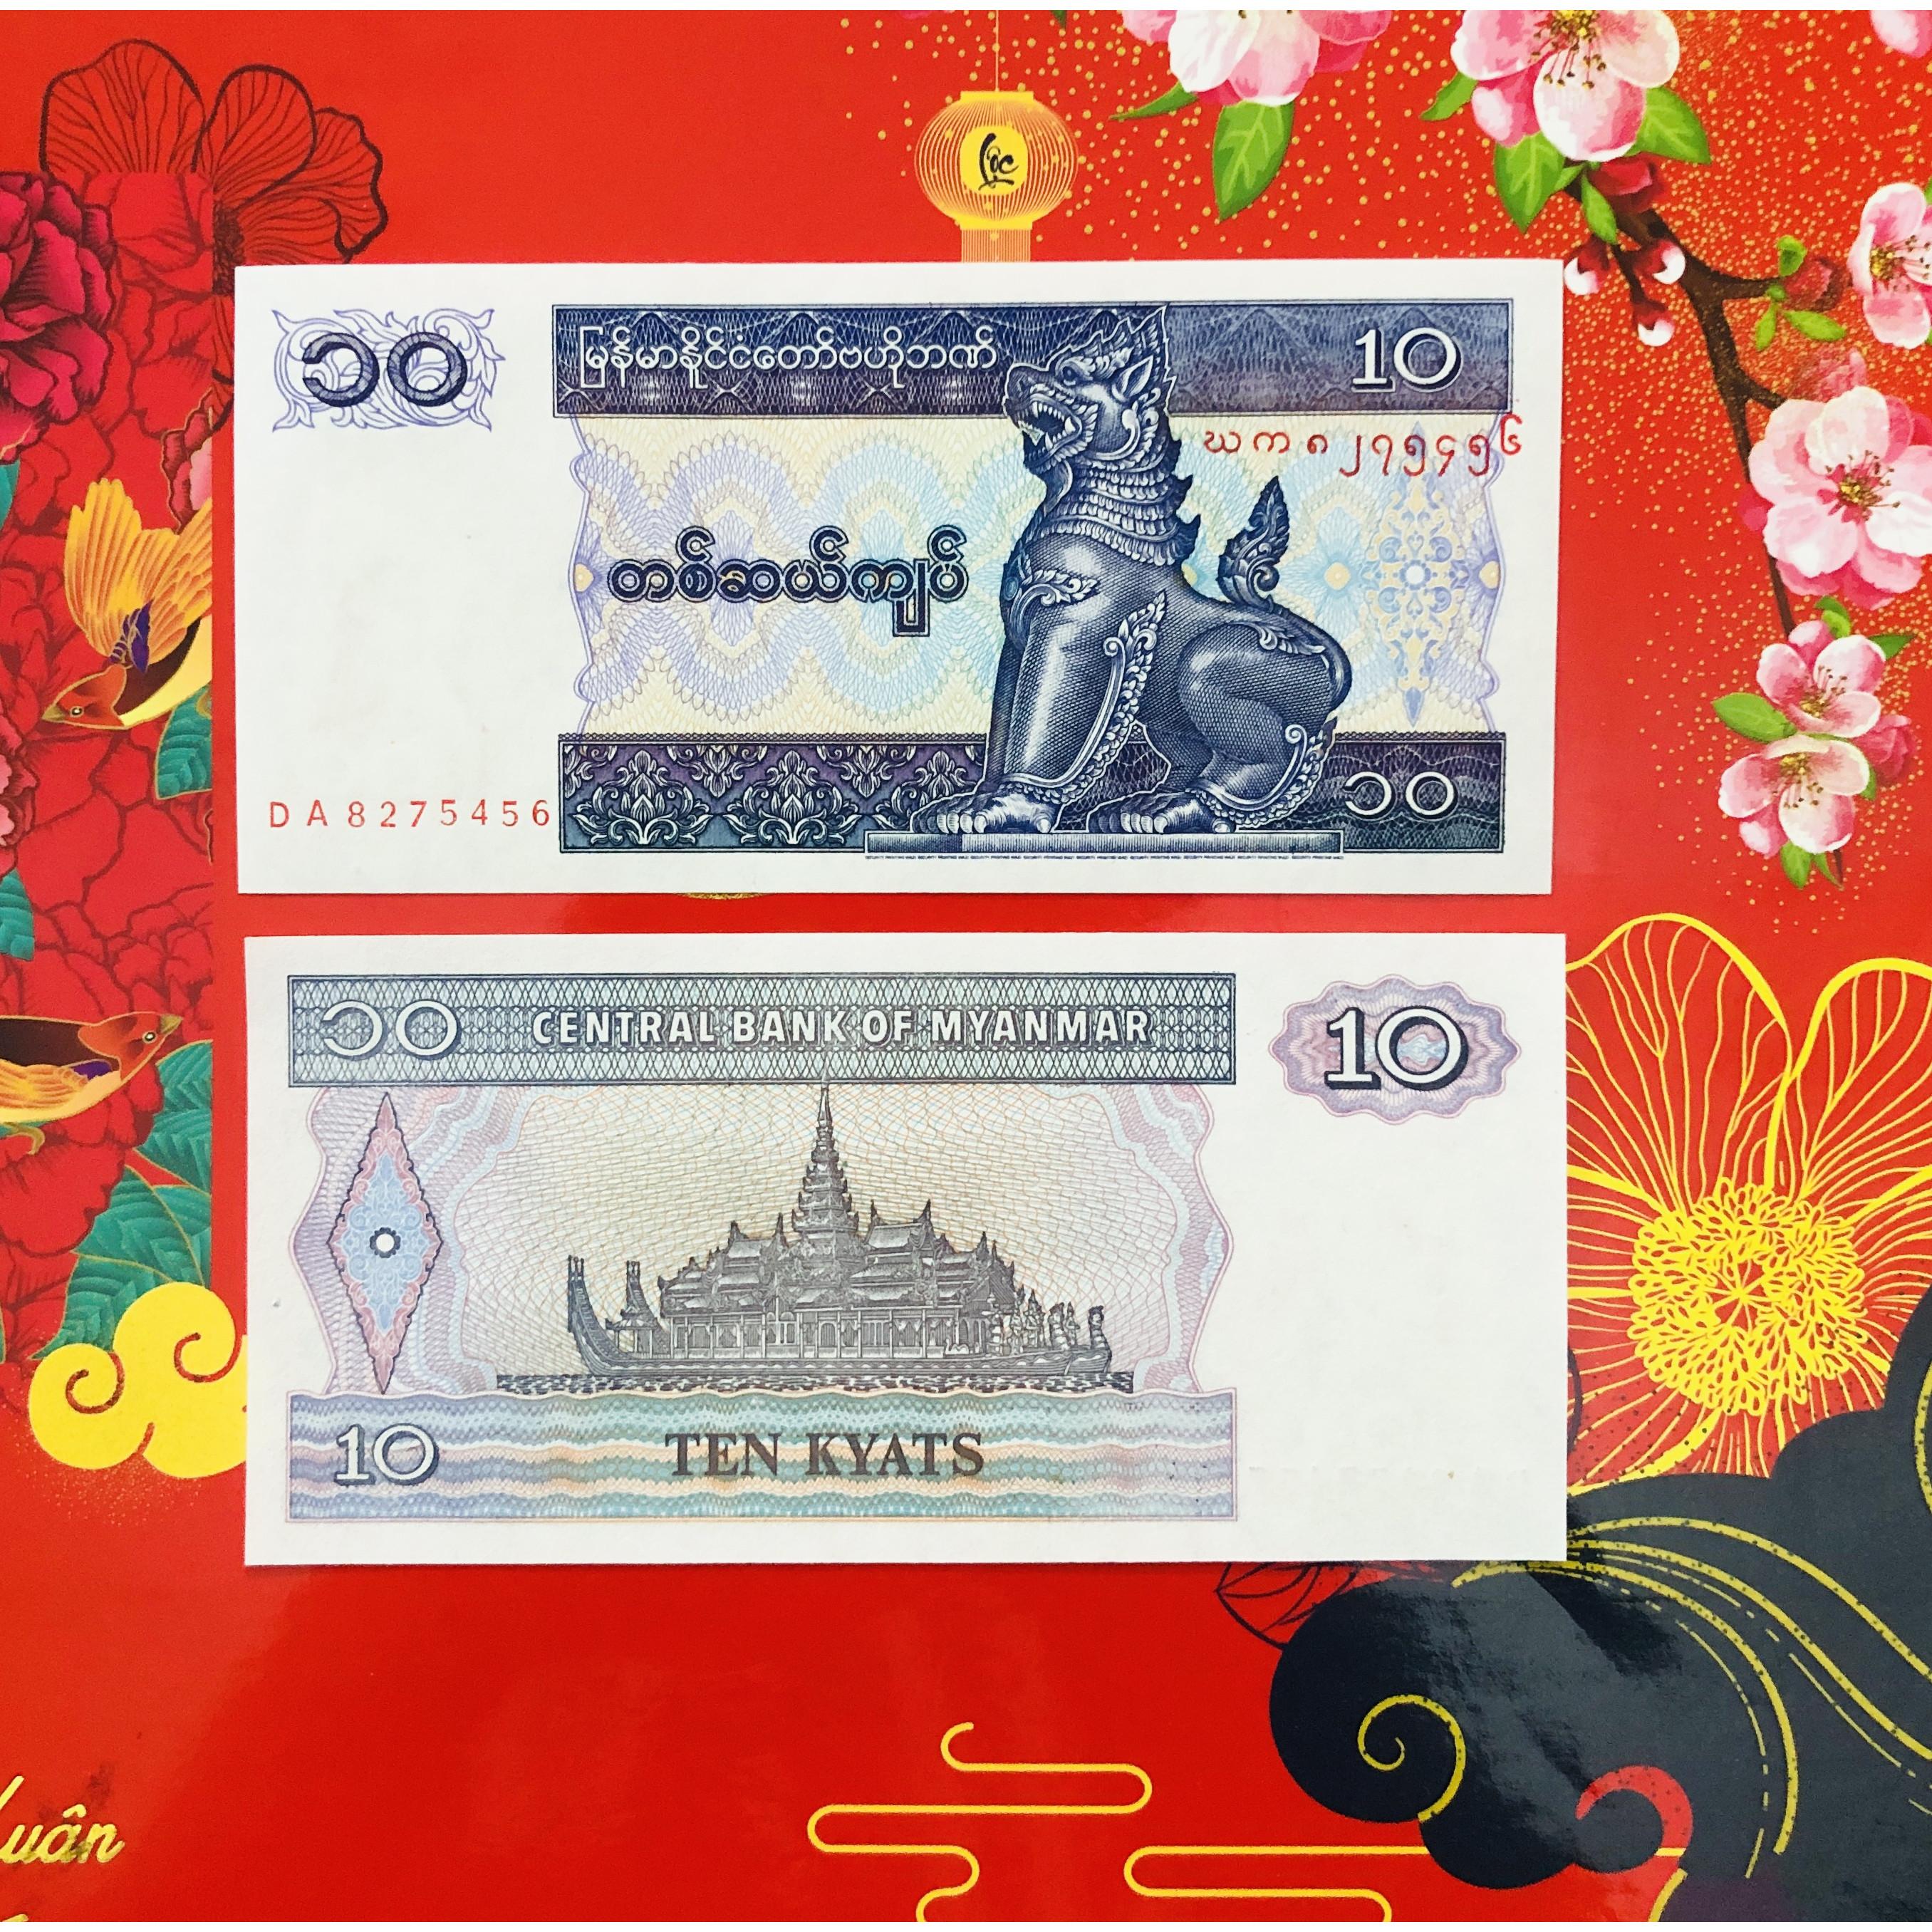 Tờ tiền hình con tỳ hưu của Myanmar, linh vật phong thủy làm quà tặng - kèm bao lì xì